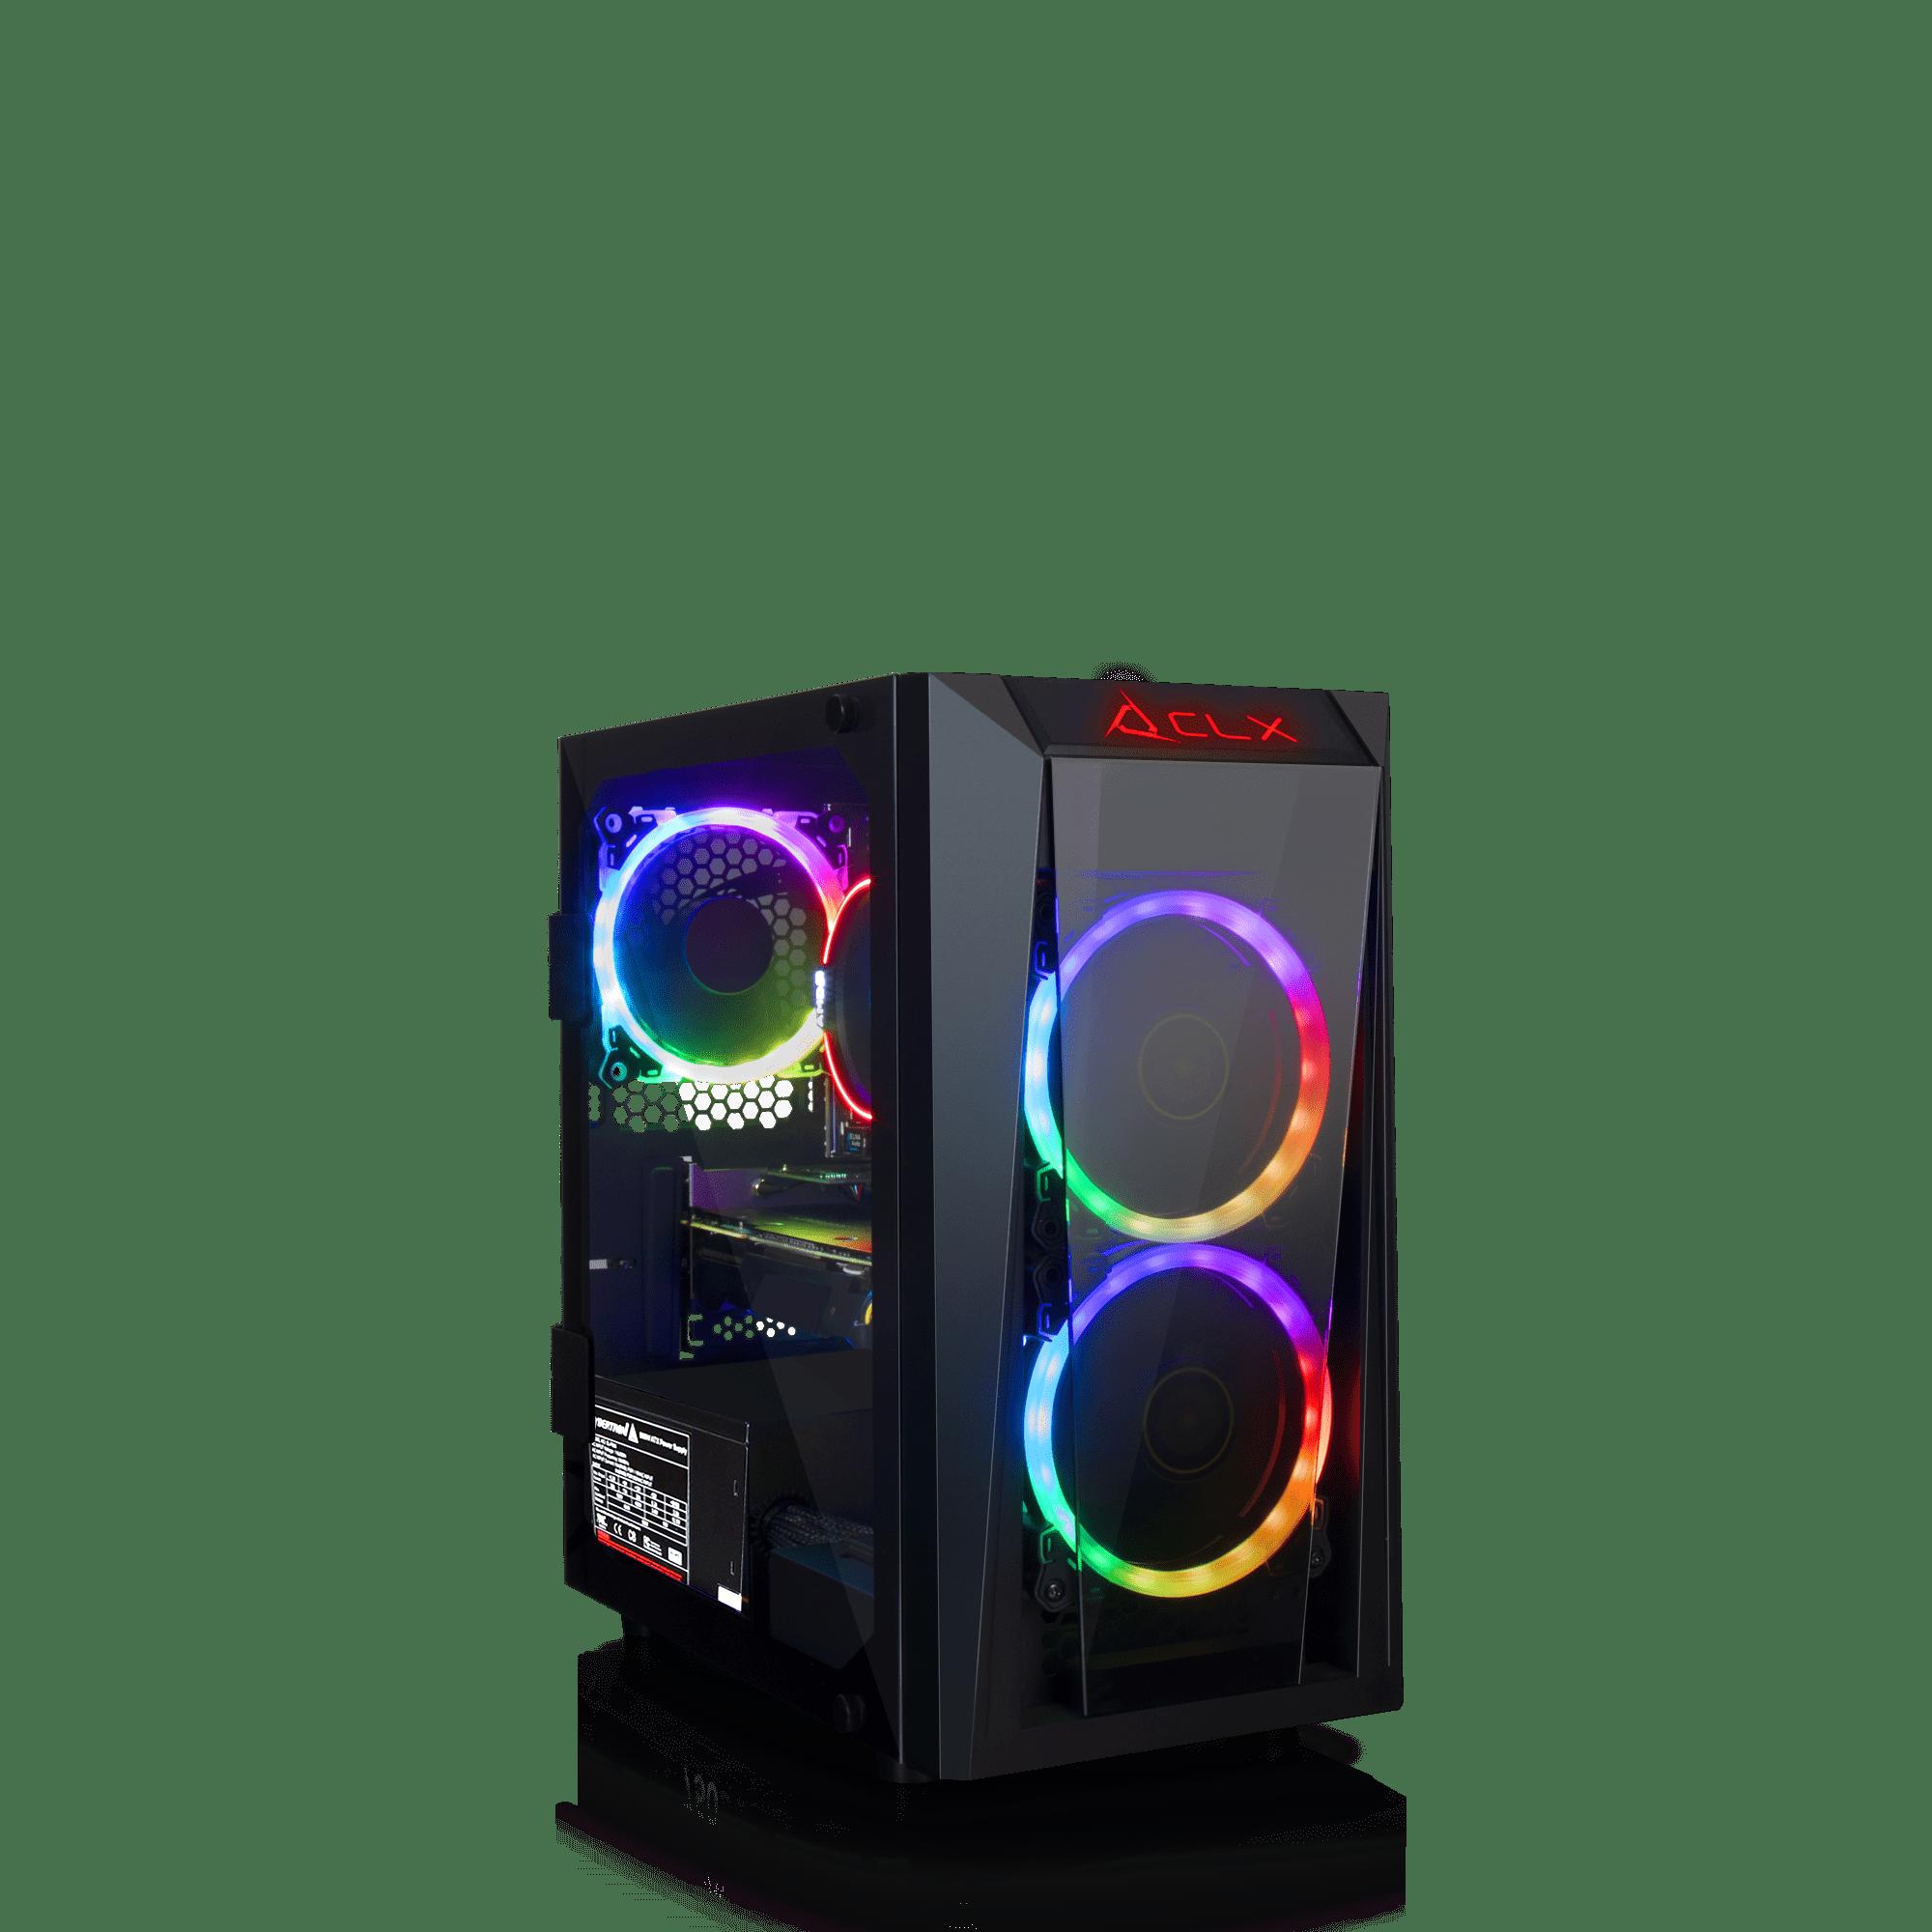 CLX SET GAMING AMD Ryzen 5 2600 3.4GHz, NVIDIA GeForce GTX 1660 6GB, 16GB Mem, 120 SSD + 1TB HDD